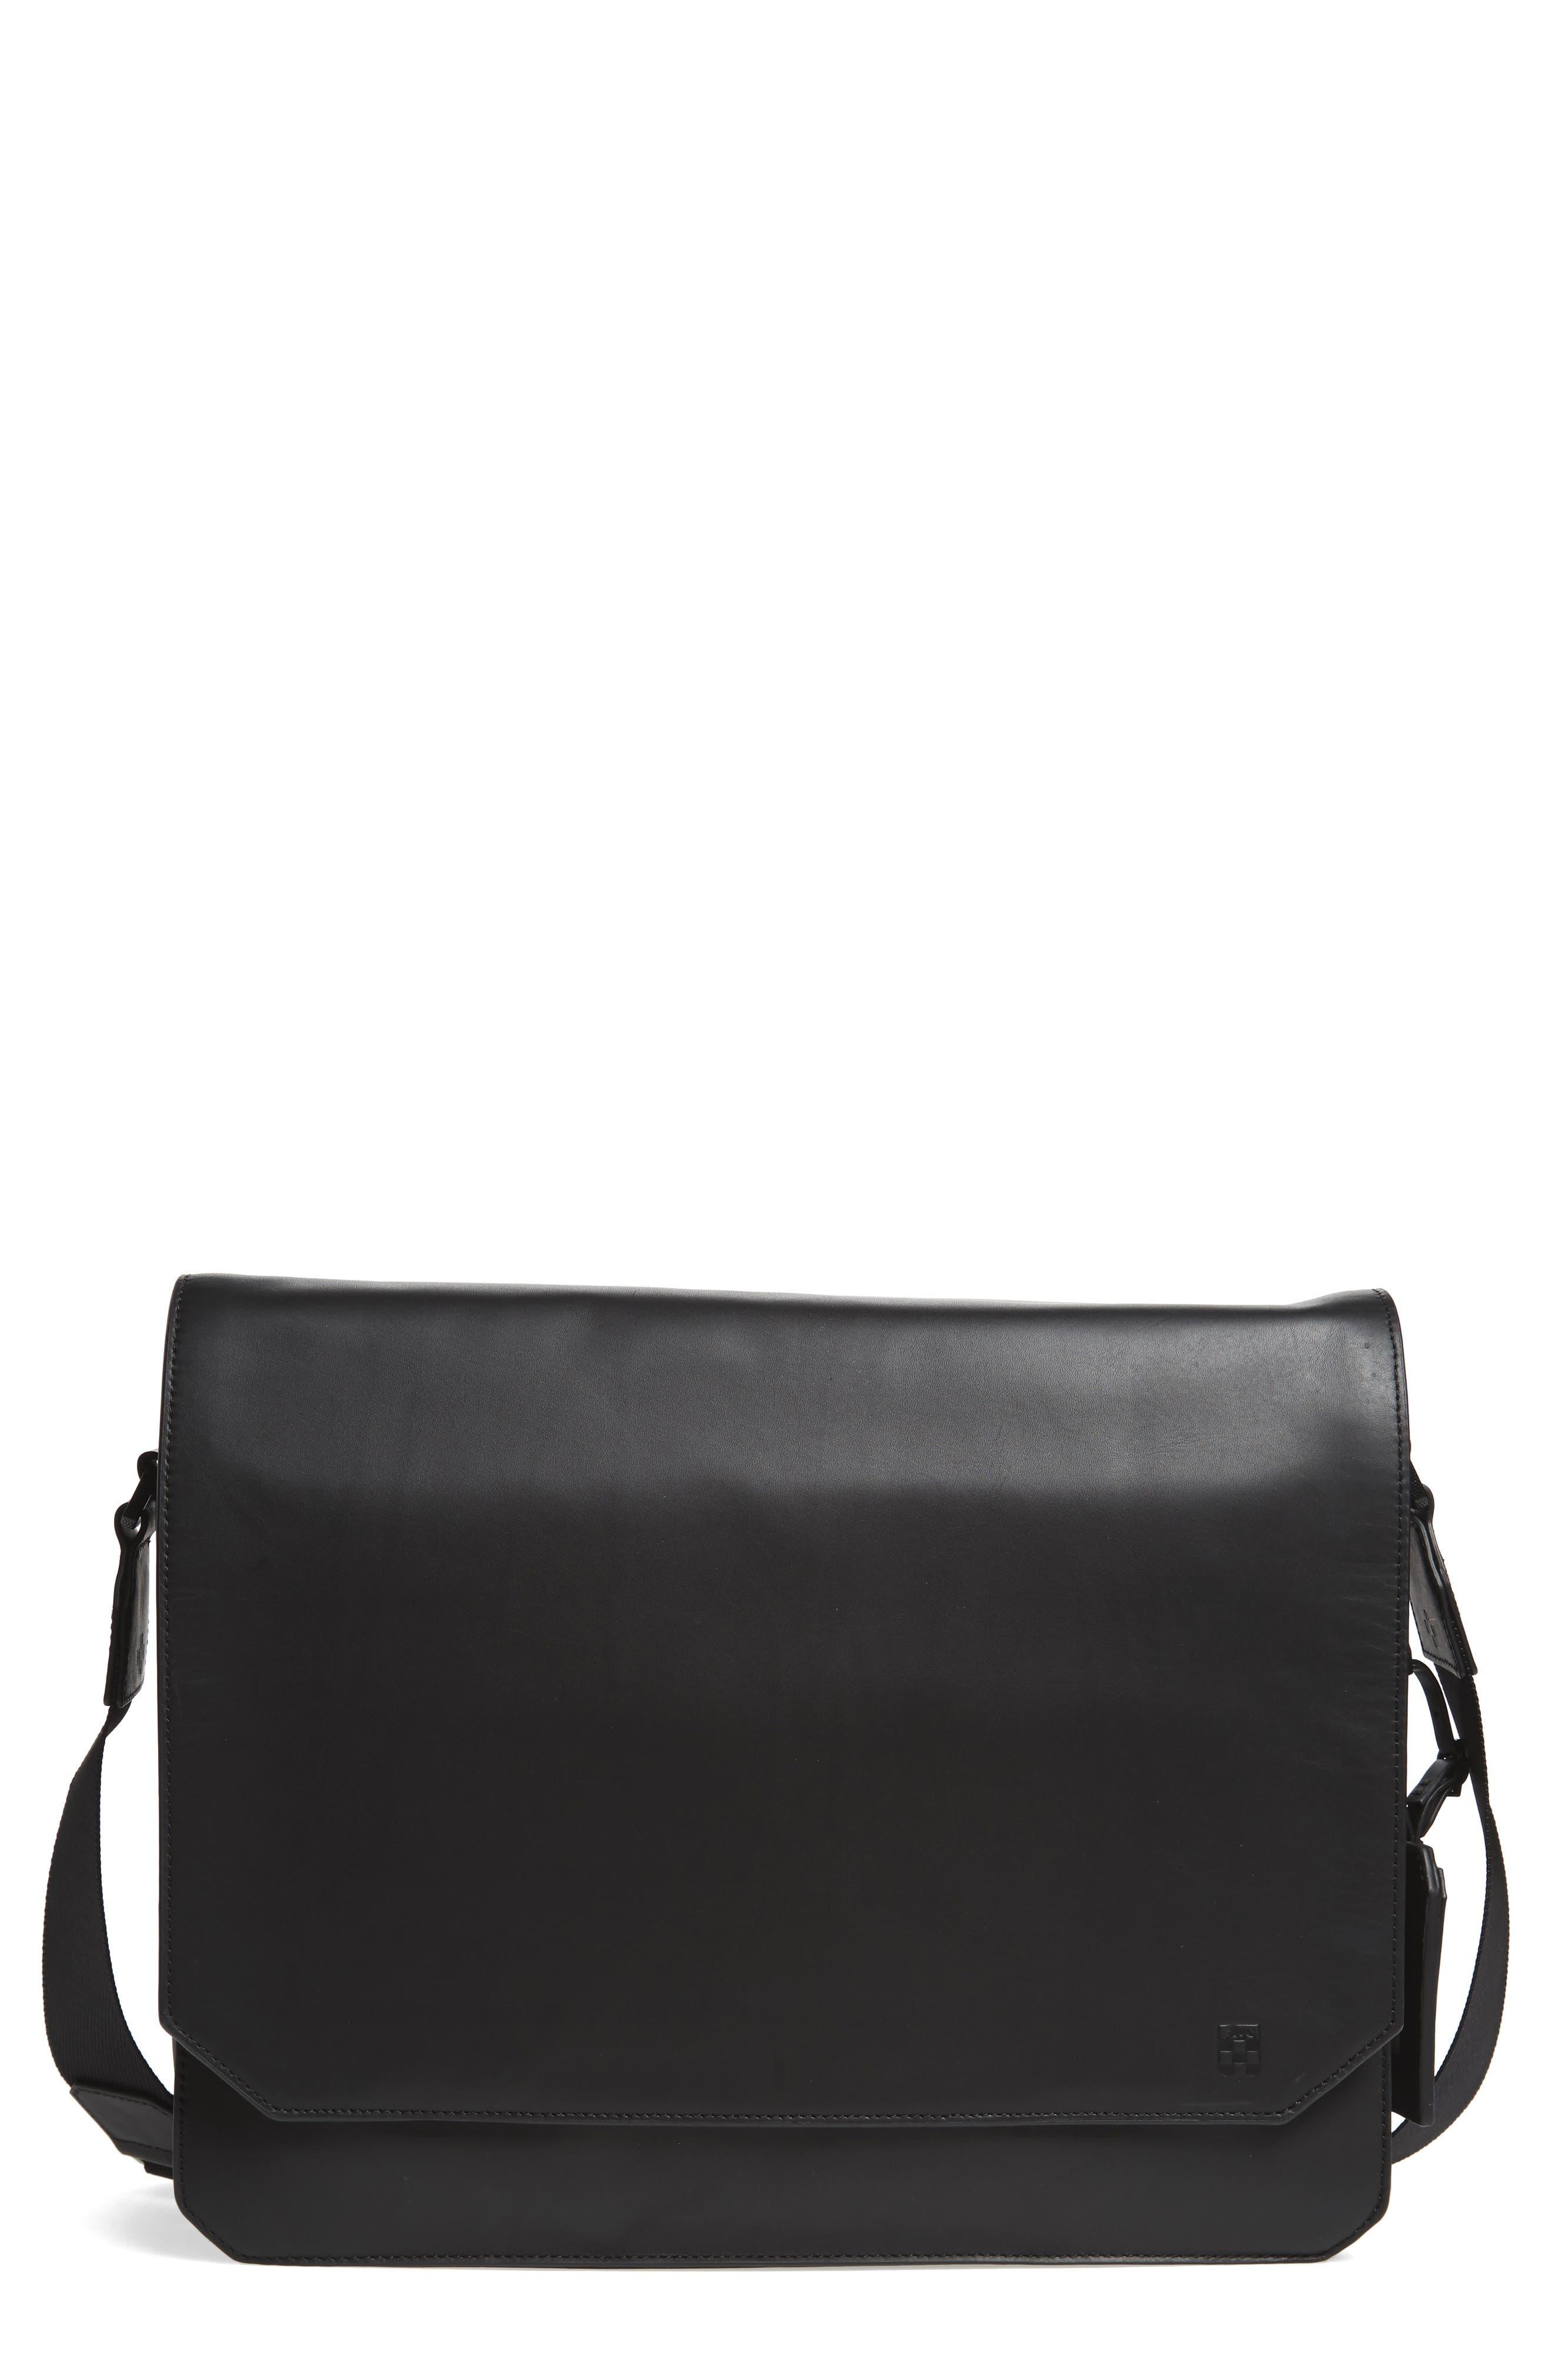 Vince Camuto 'Tolve' Leather Messenger Bag